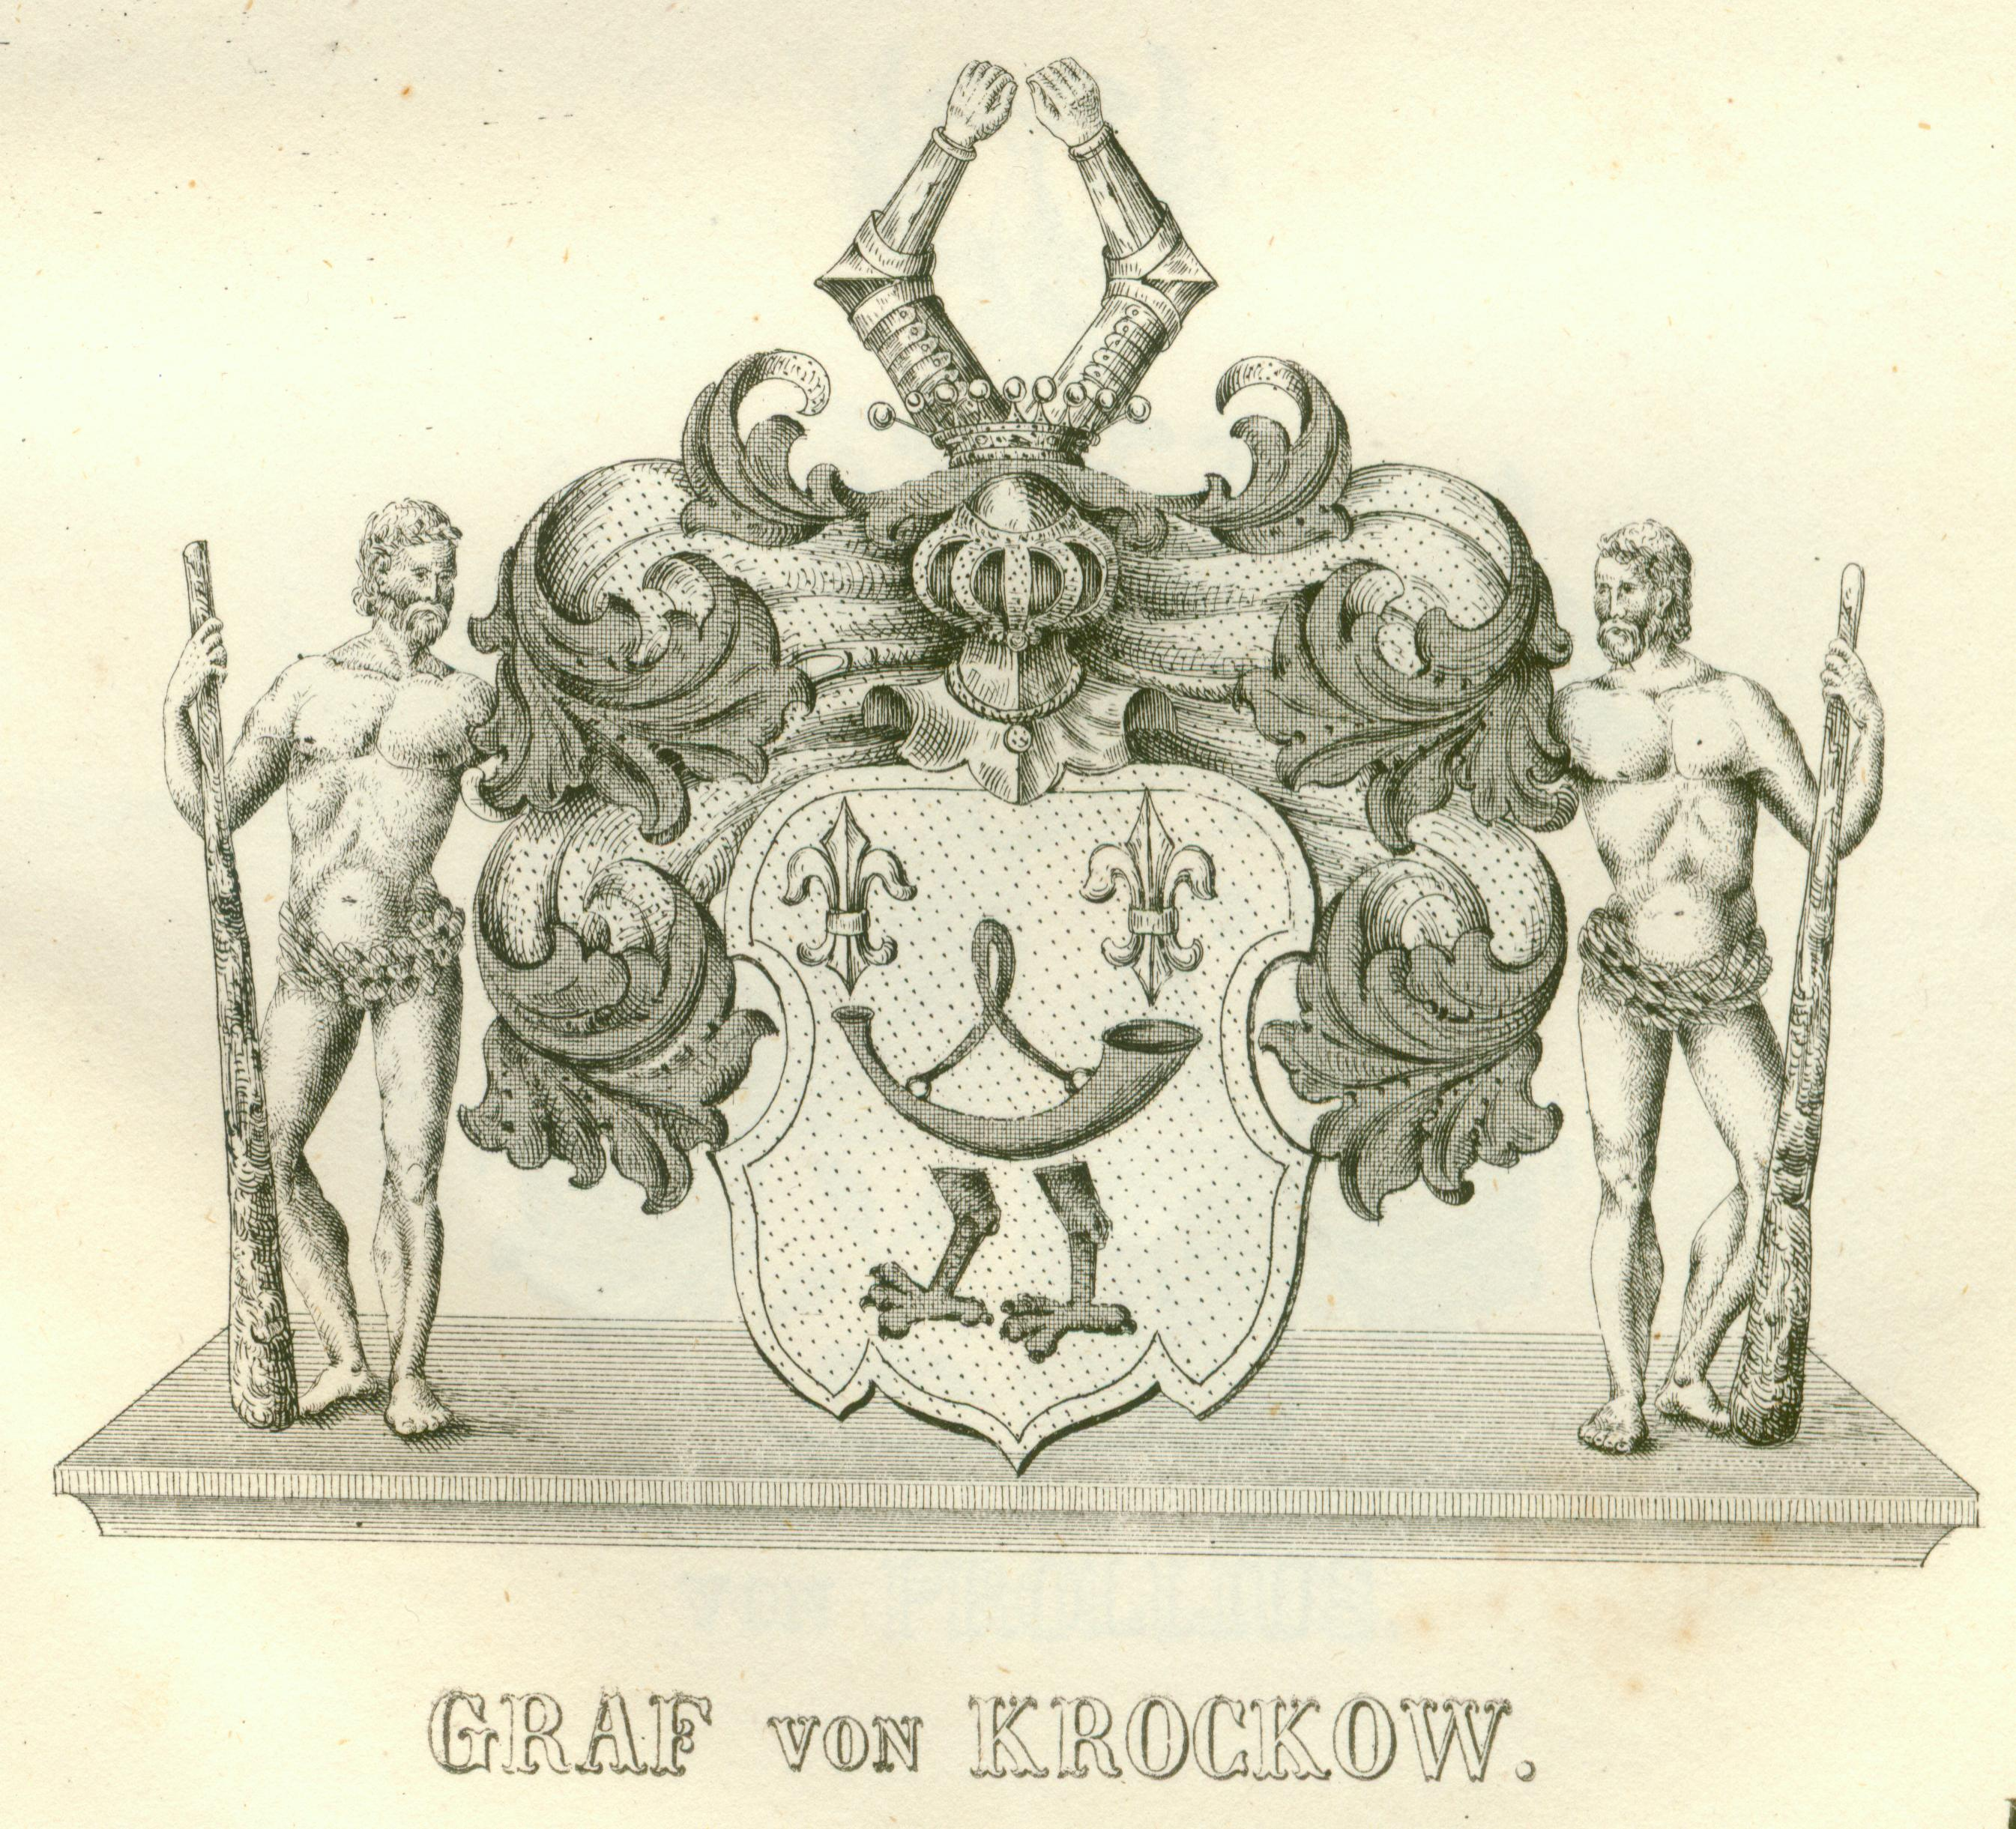 Krockow hrabia